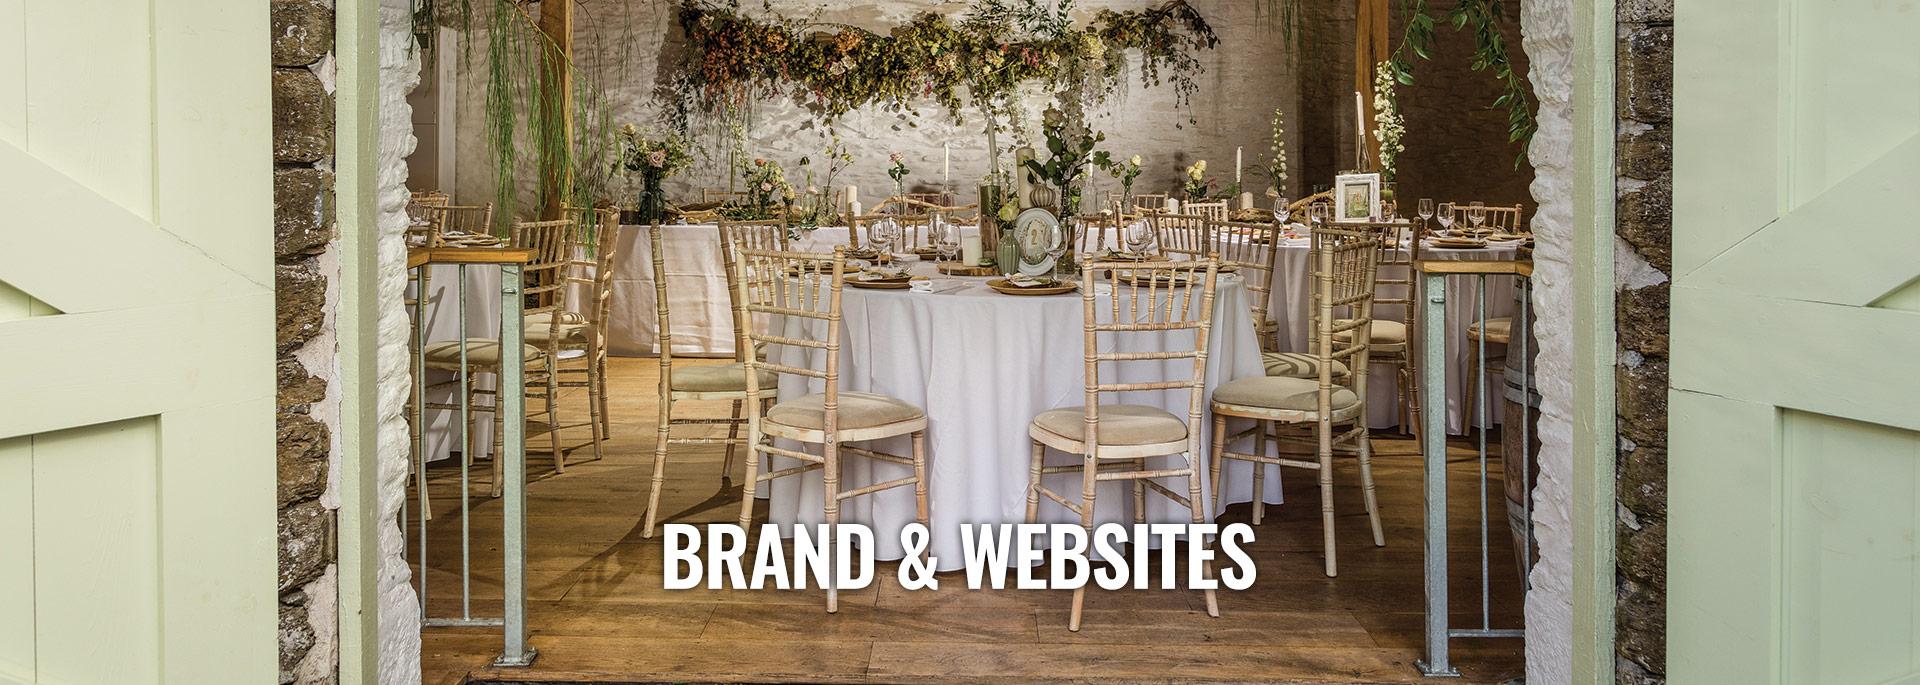 Trenderway branding and websites